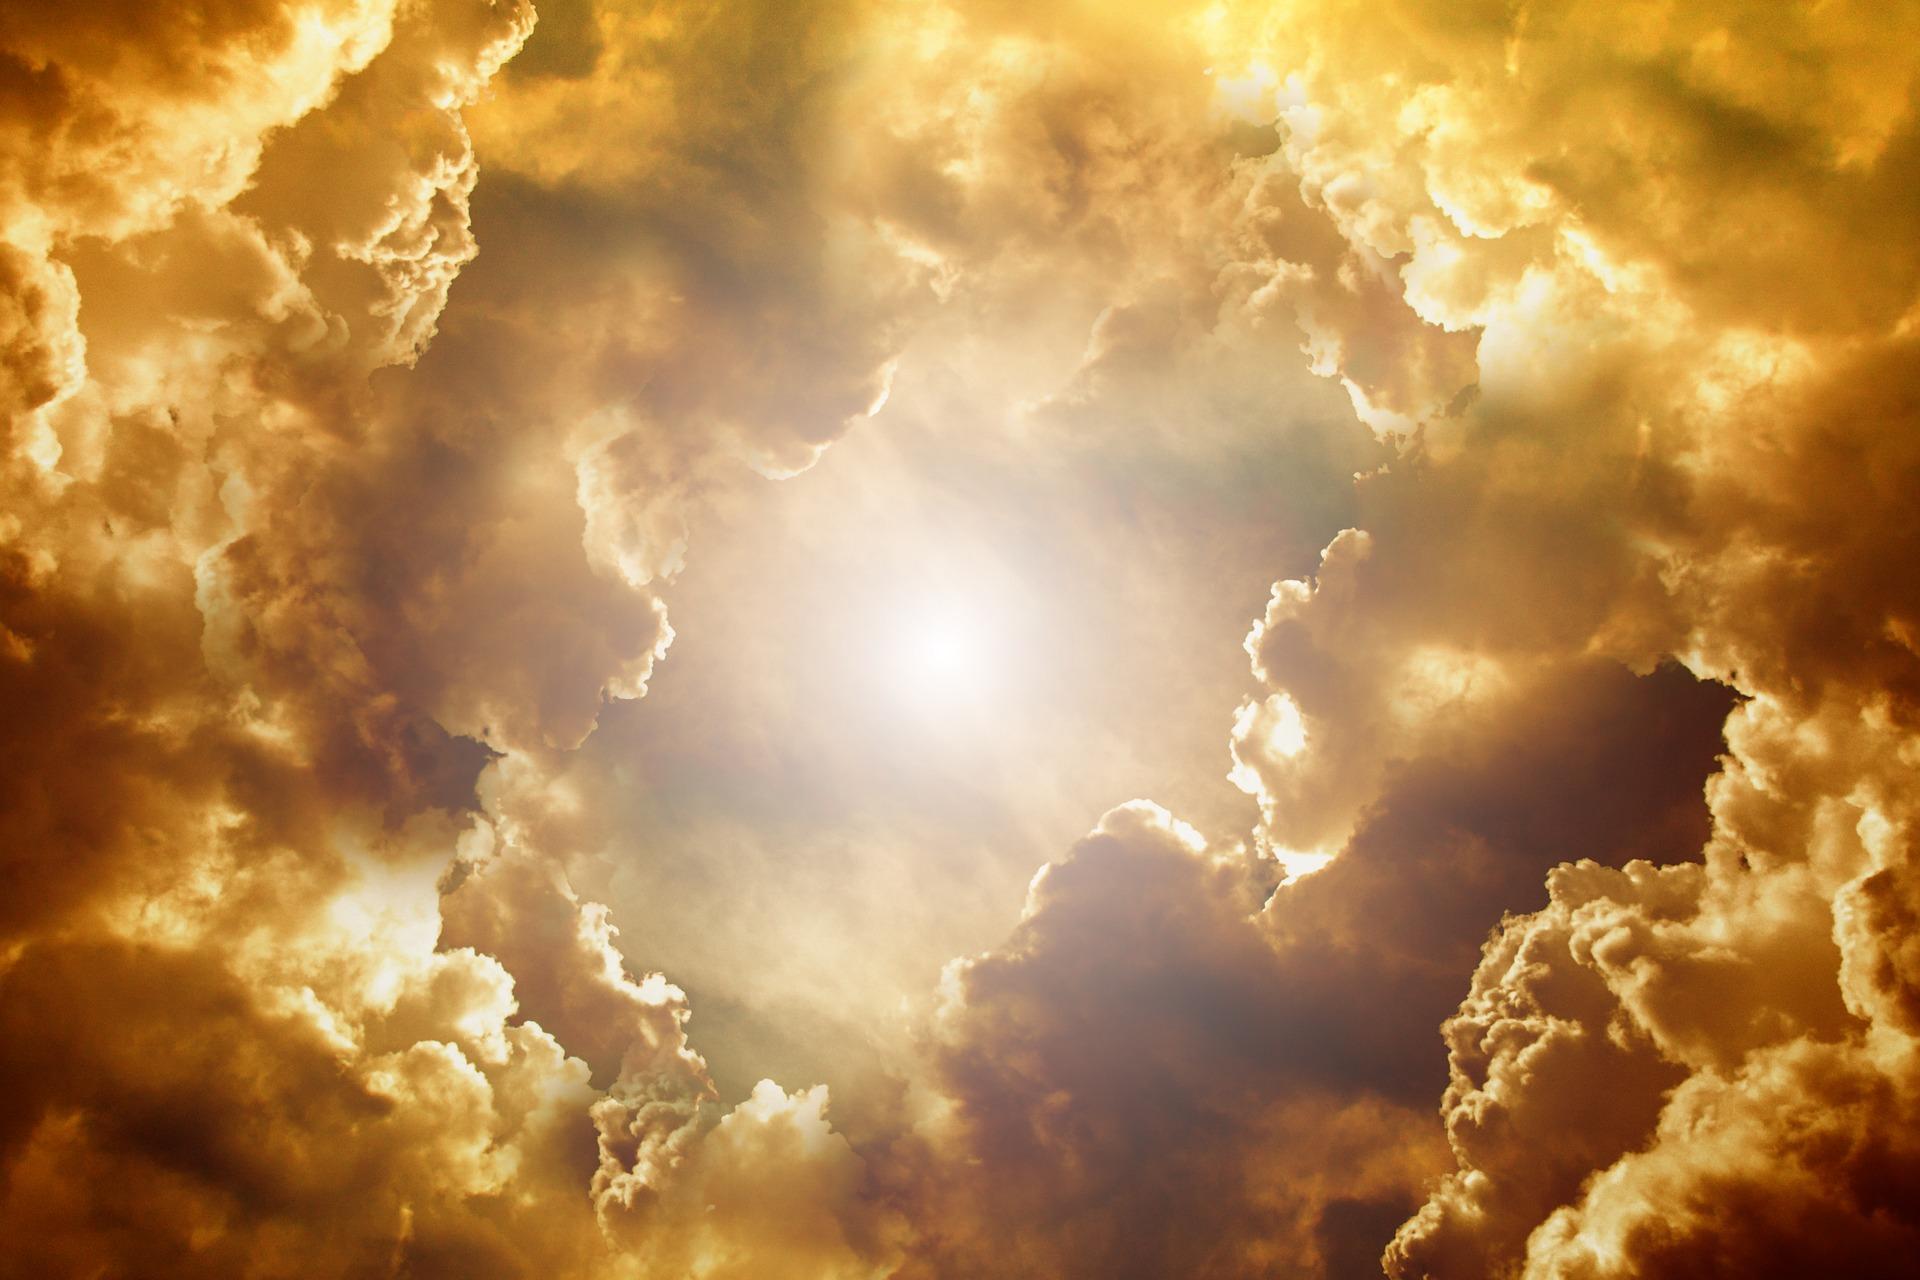 『天地創造』(映画)のあらすじ・基本情報・感想まとめ